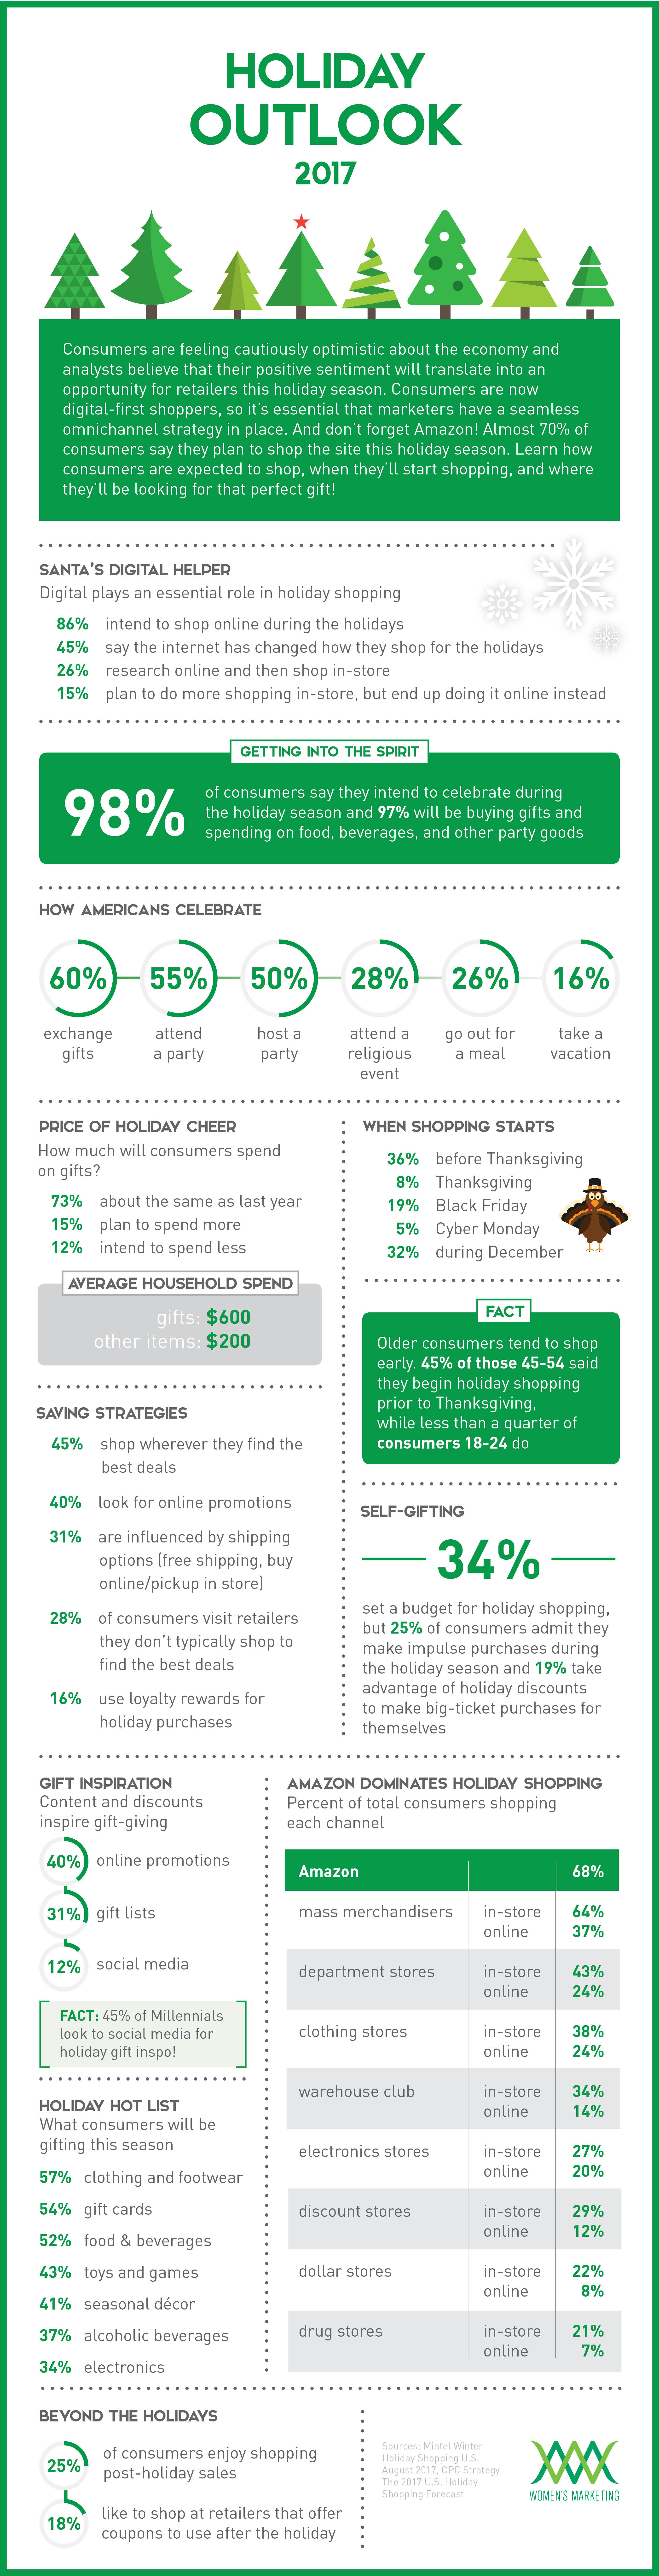 Infographic_HolidayOutlook2017 (002).jpg